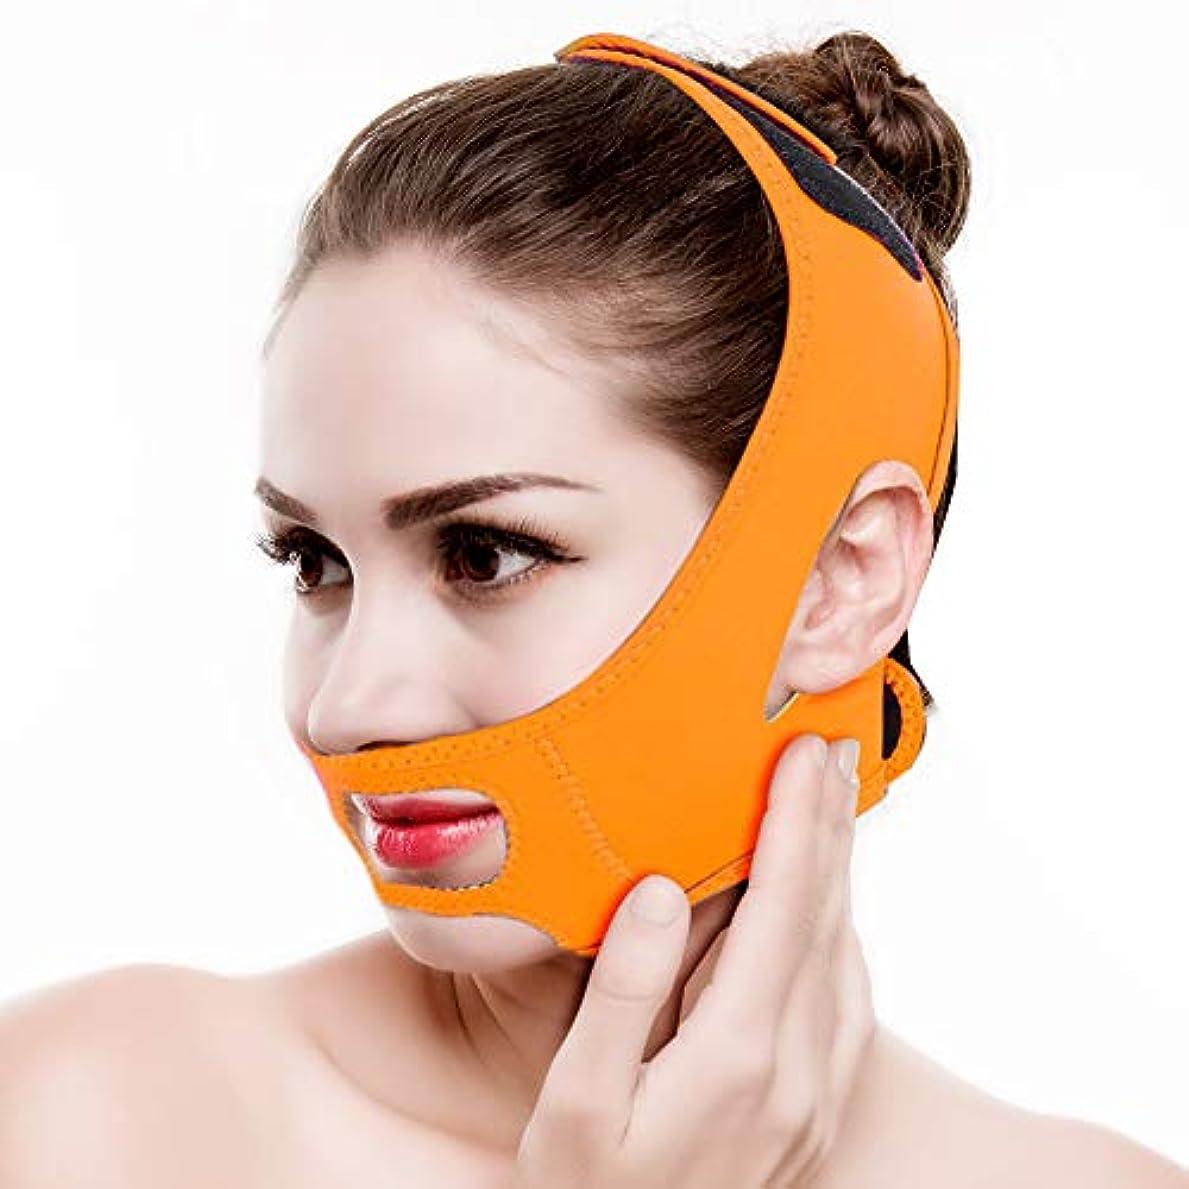 政令サイト受益者フェイスリフティングベルト,顔の痩身包帯フェイシャルスリミング包帯ベルトマスクフェイスリフトダブルチンスキンストラップフェイススリミング包帯小 顔 美顔 矯正、顎リフト フェイススリミングマスク (Orange)